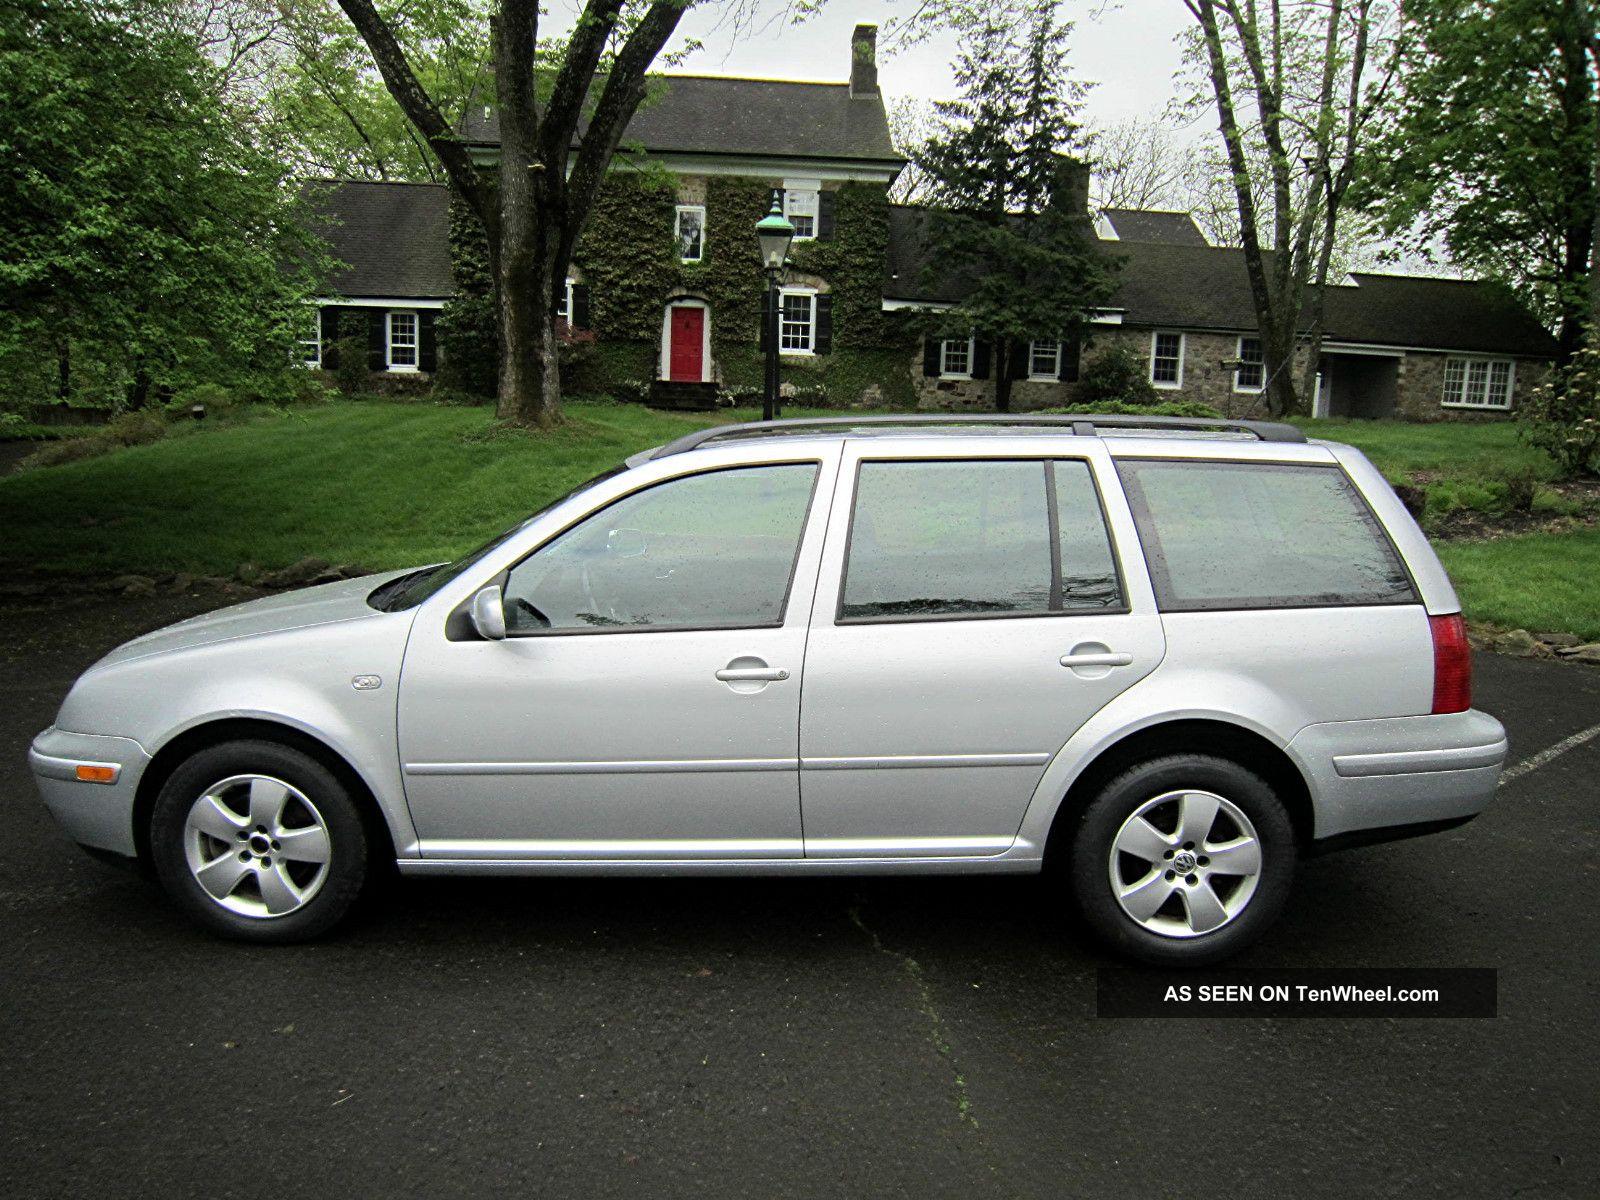 2005 volkswagen jetta gls tdi wagon 4 door 1 9l with. Black Bedroom Furniture Sets. Home Design Ideas